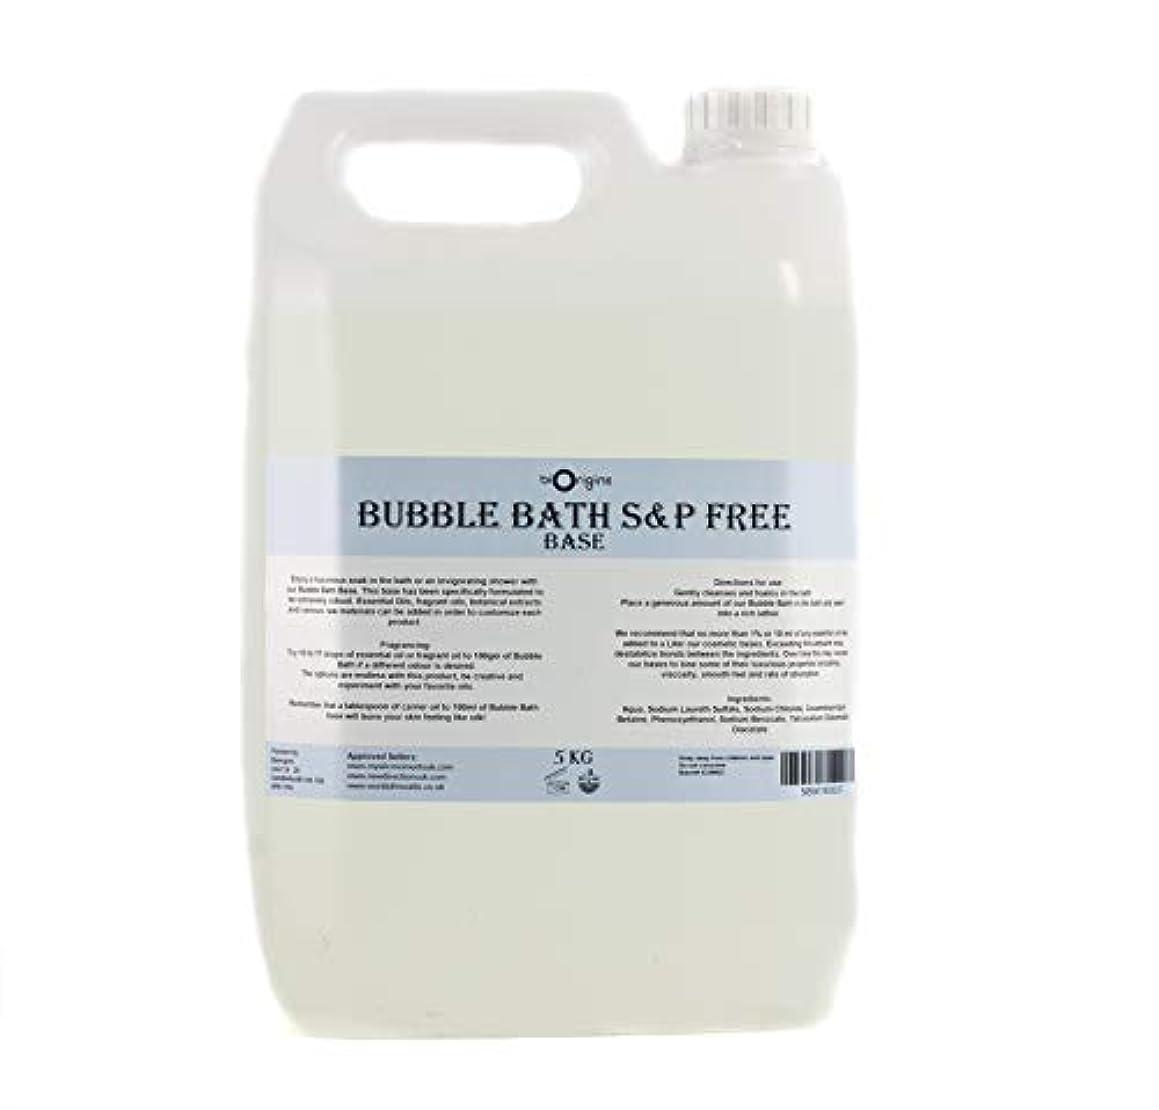 動力学レタス絶え間ないBubble Bath Base - SLS & Paraben Free - 5Kg